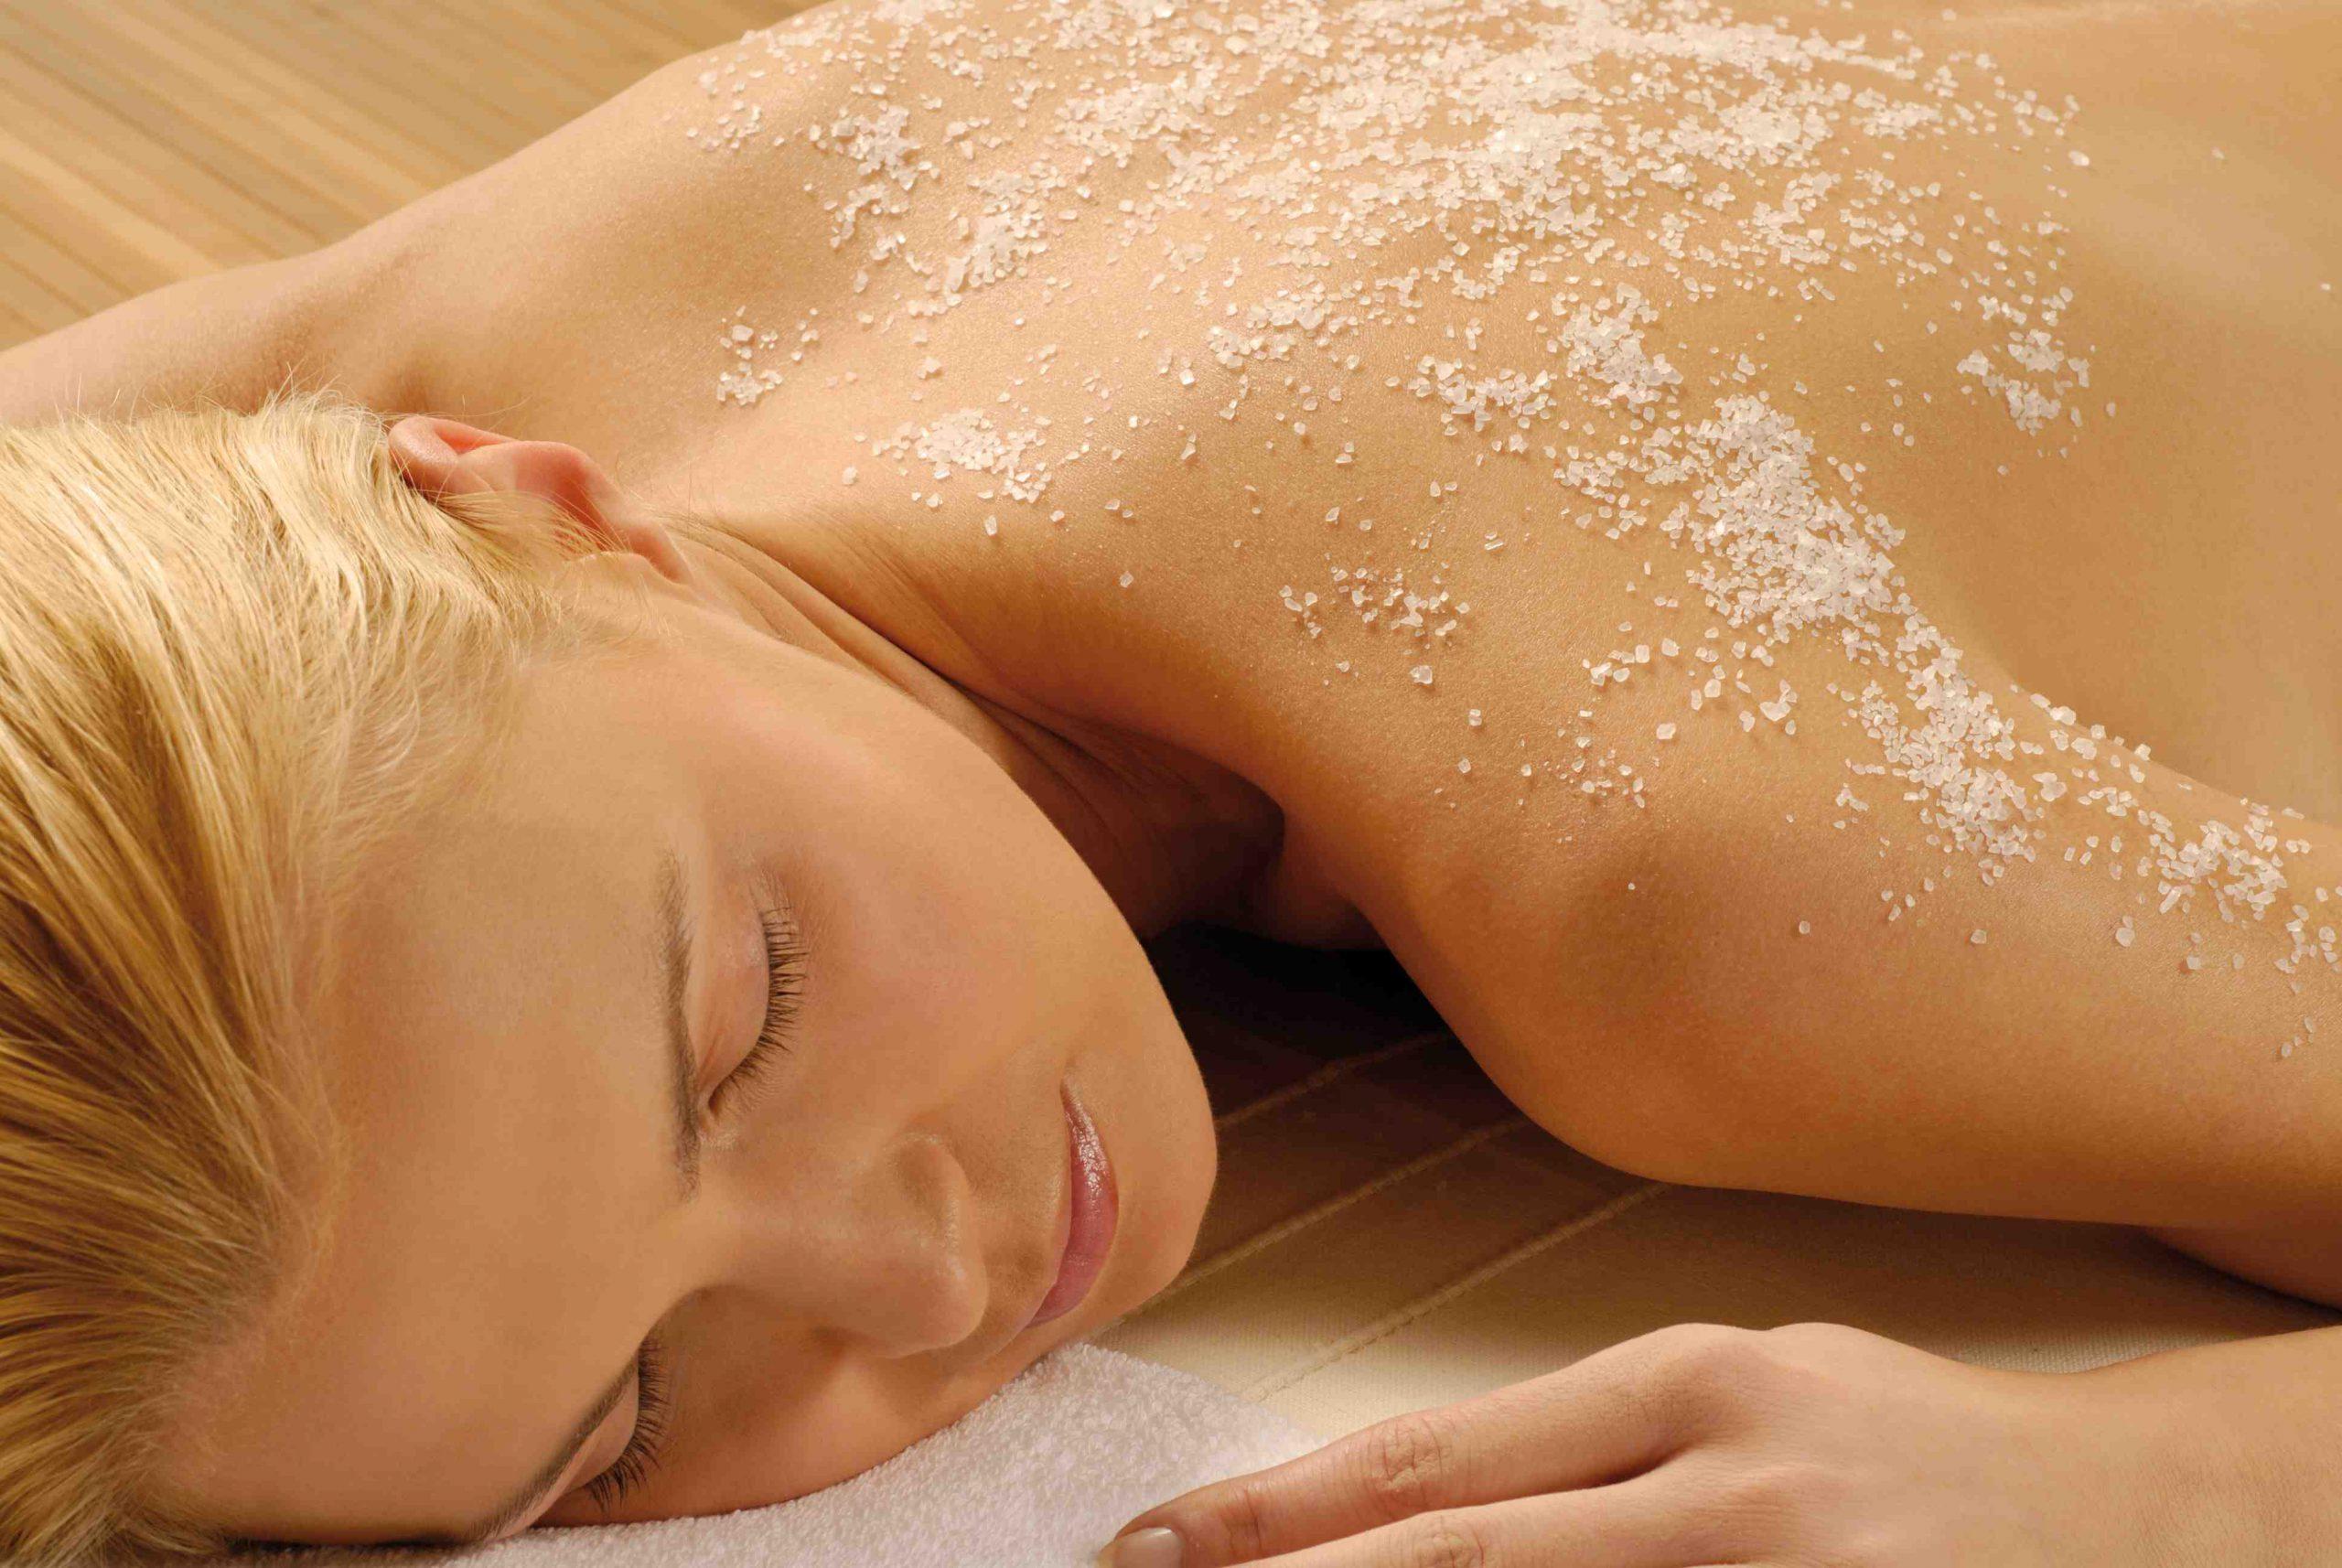 muối tẩy tế bào chết cho body